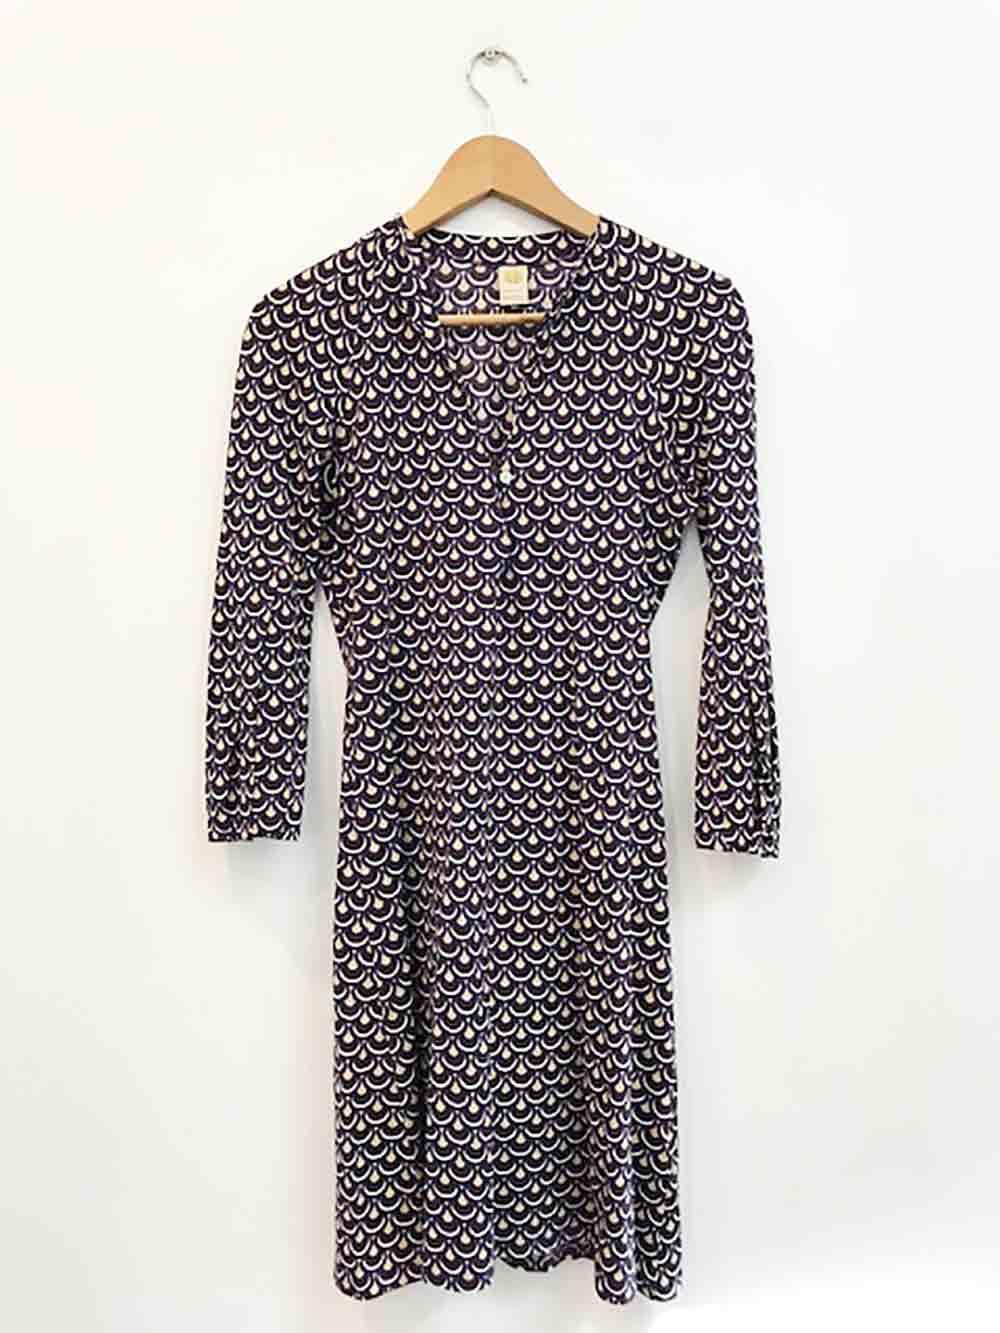 Designer Herion Vintage Stunning Größe 10 AU 42 IT Cotton Geometric Woherren Dress